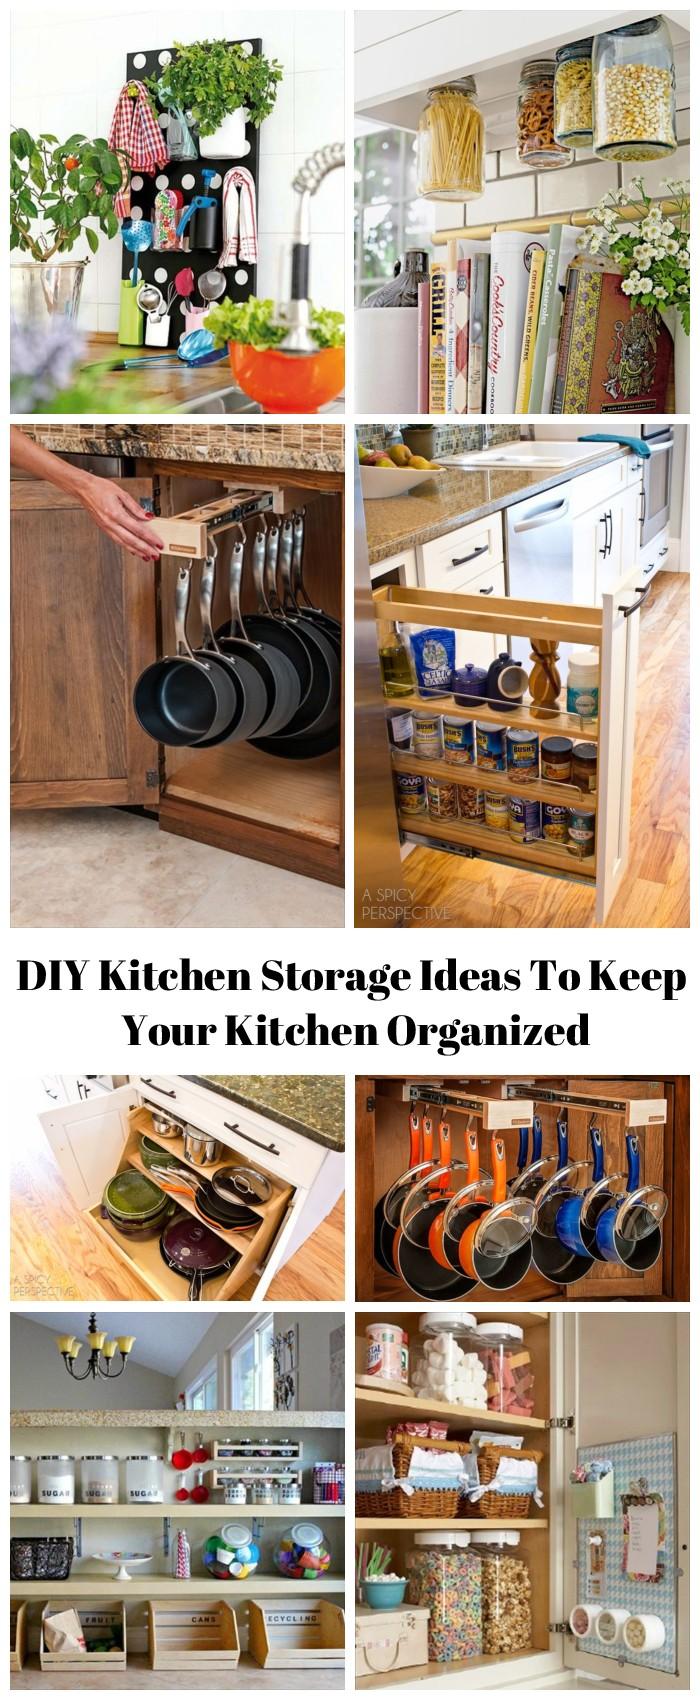 16 clever diy kitchen storage ideas to keep your kitchen organized 16 Storage Ideas